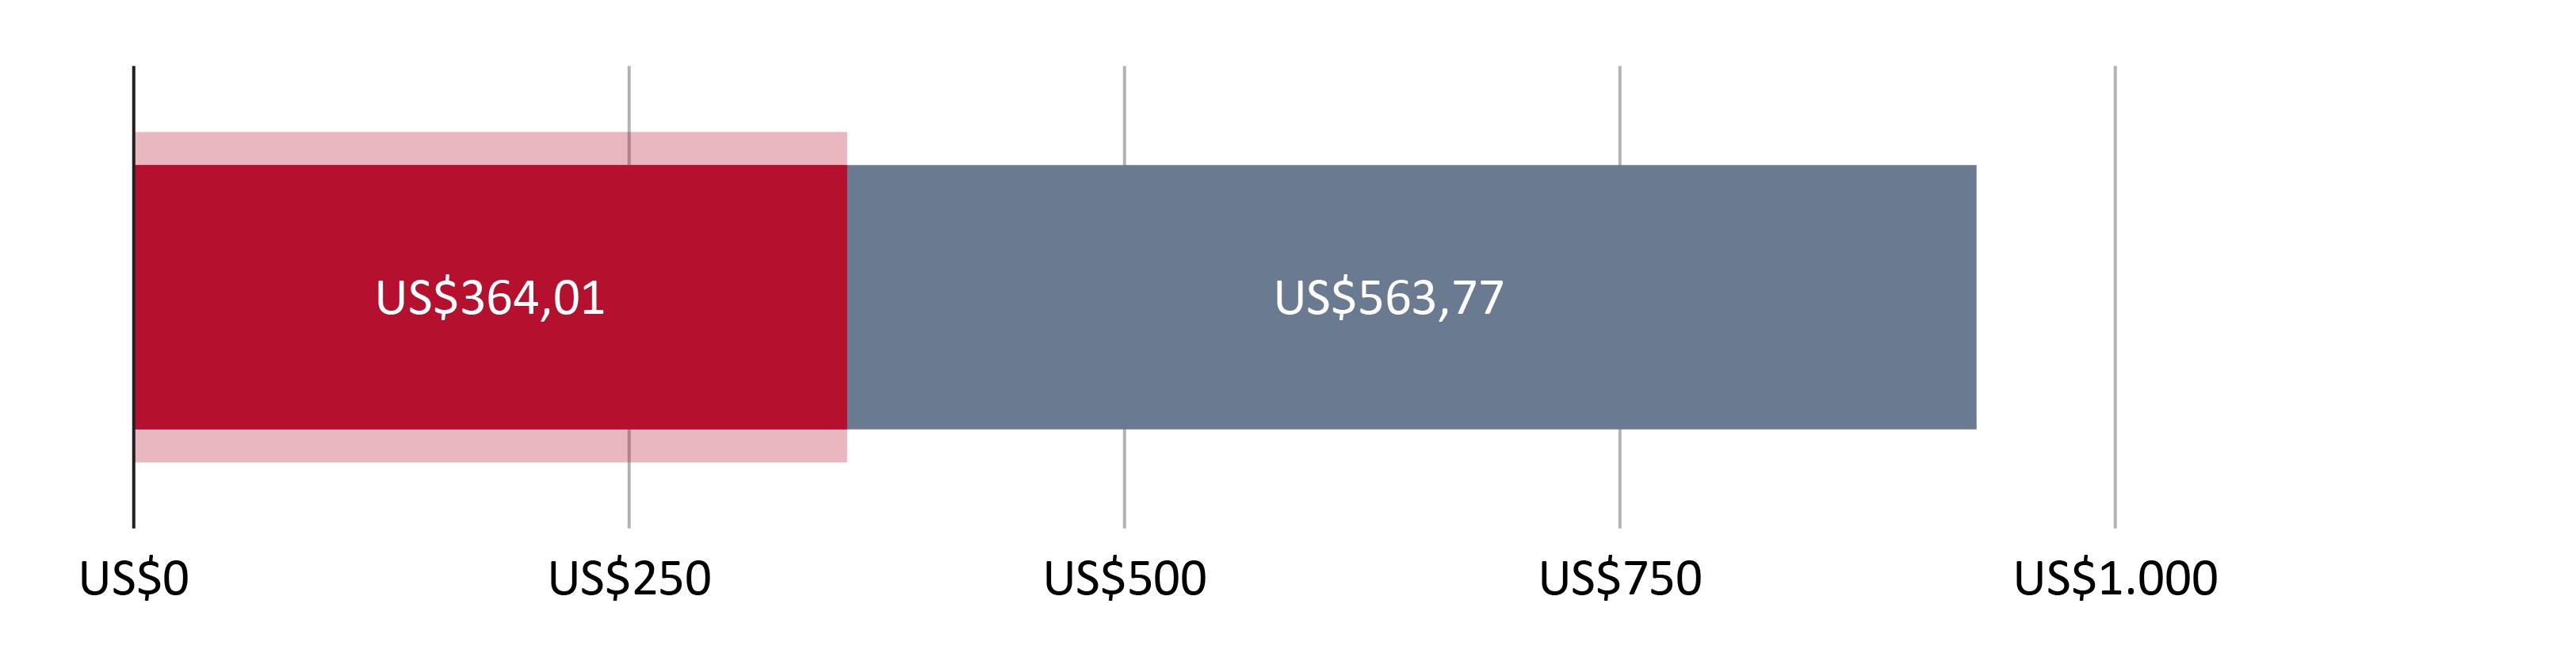 Digunakan US$364,01; tersisa US$563,77